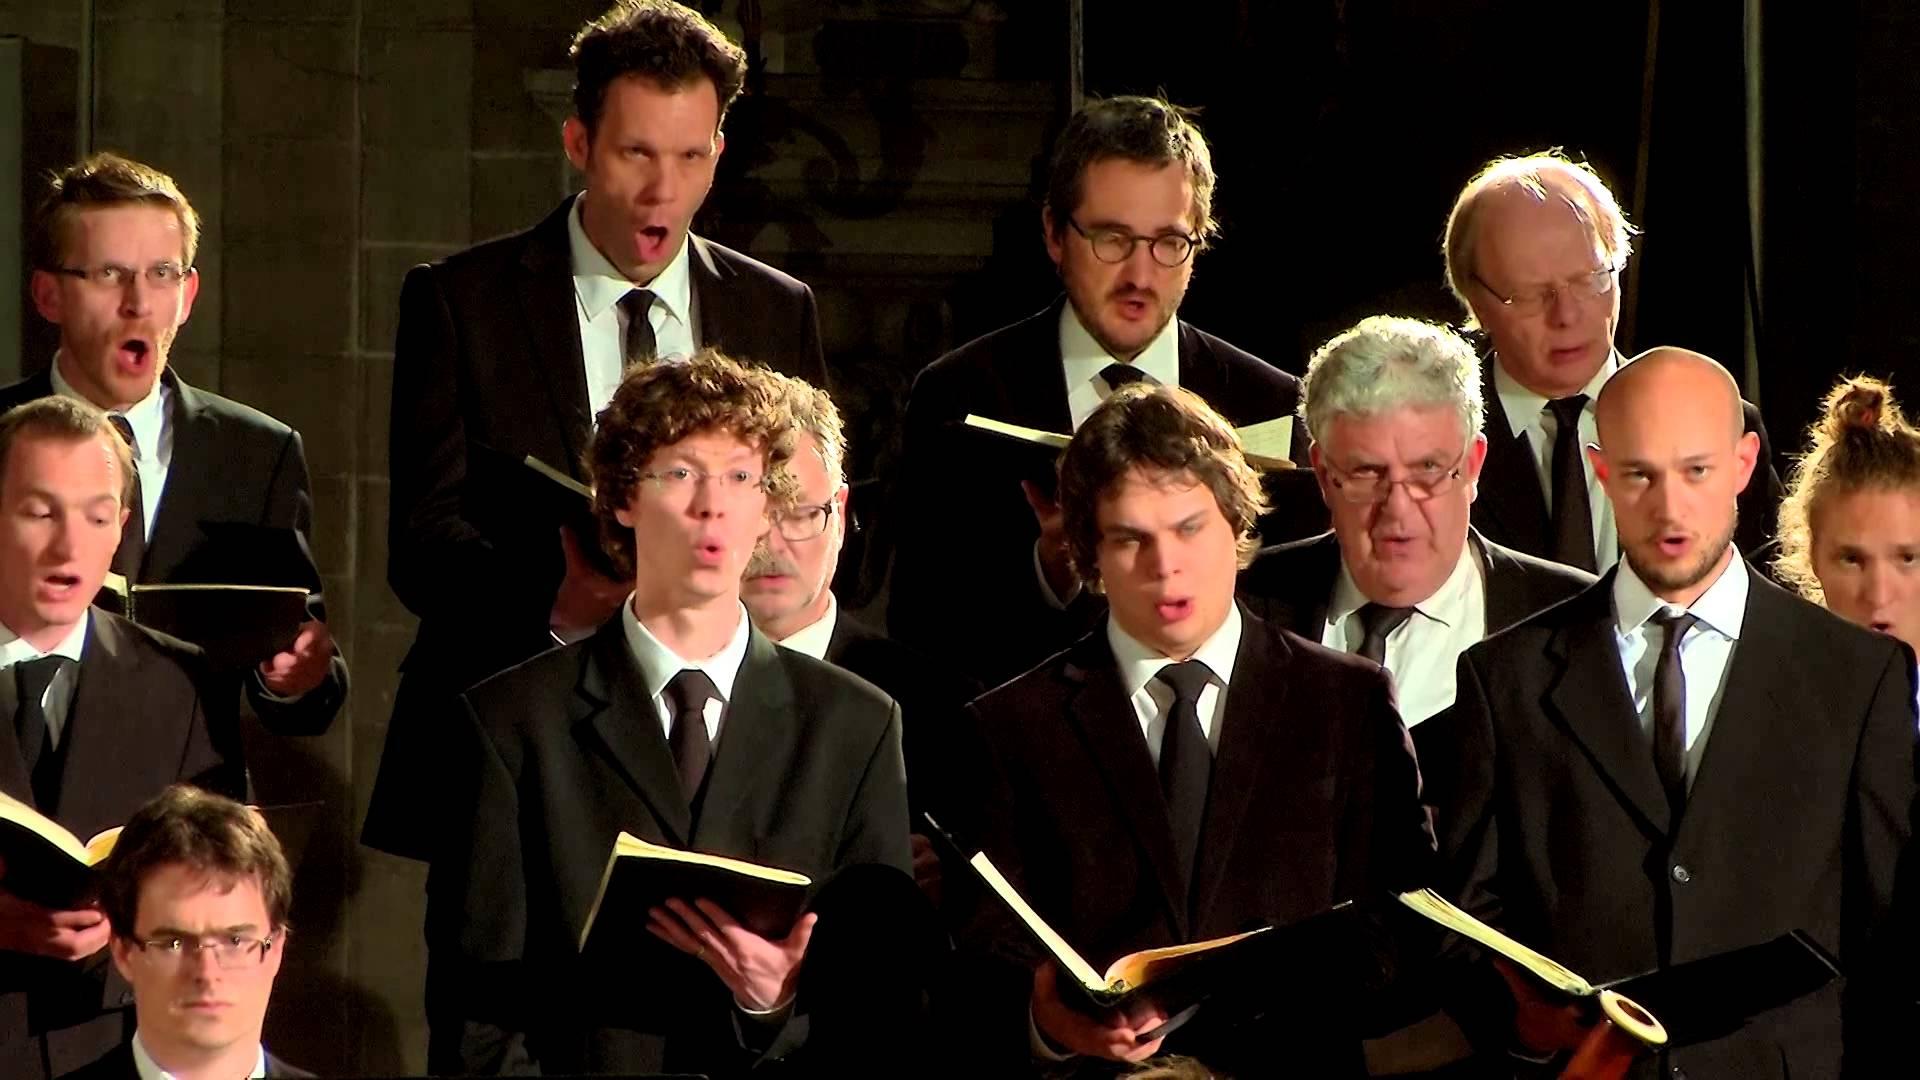 C.G. Reissiger · David · Einleitung und Chor des Volkes